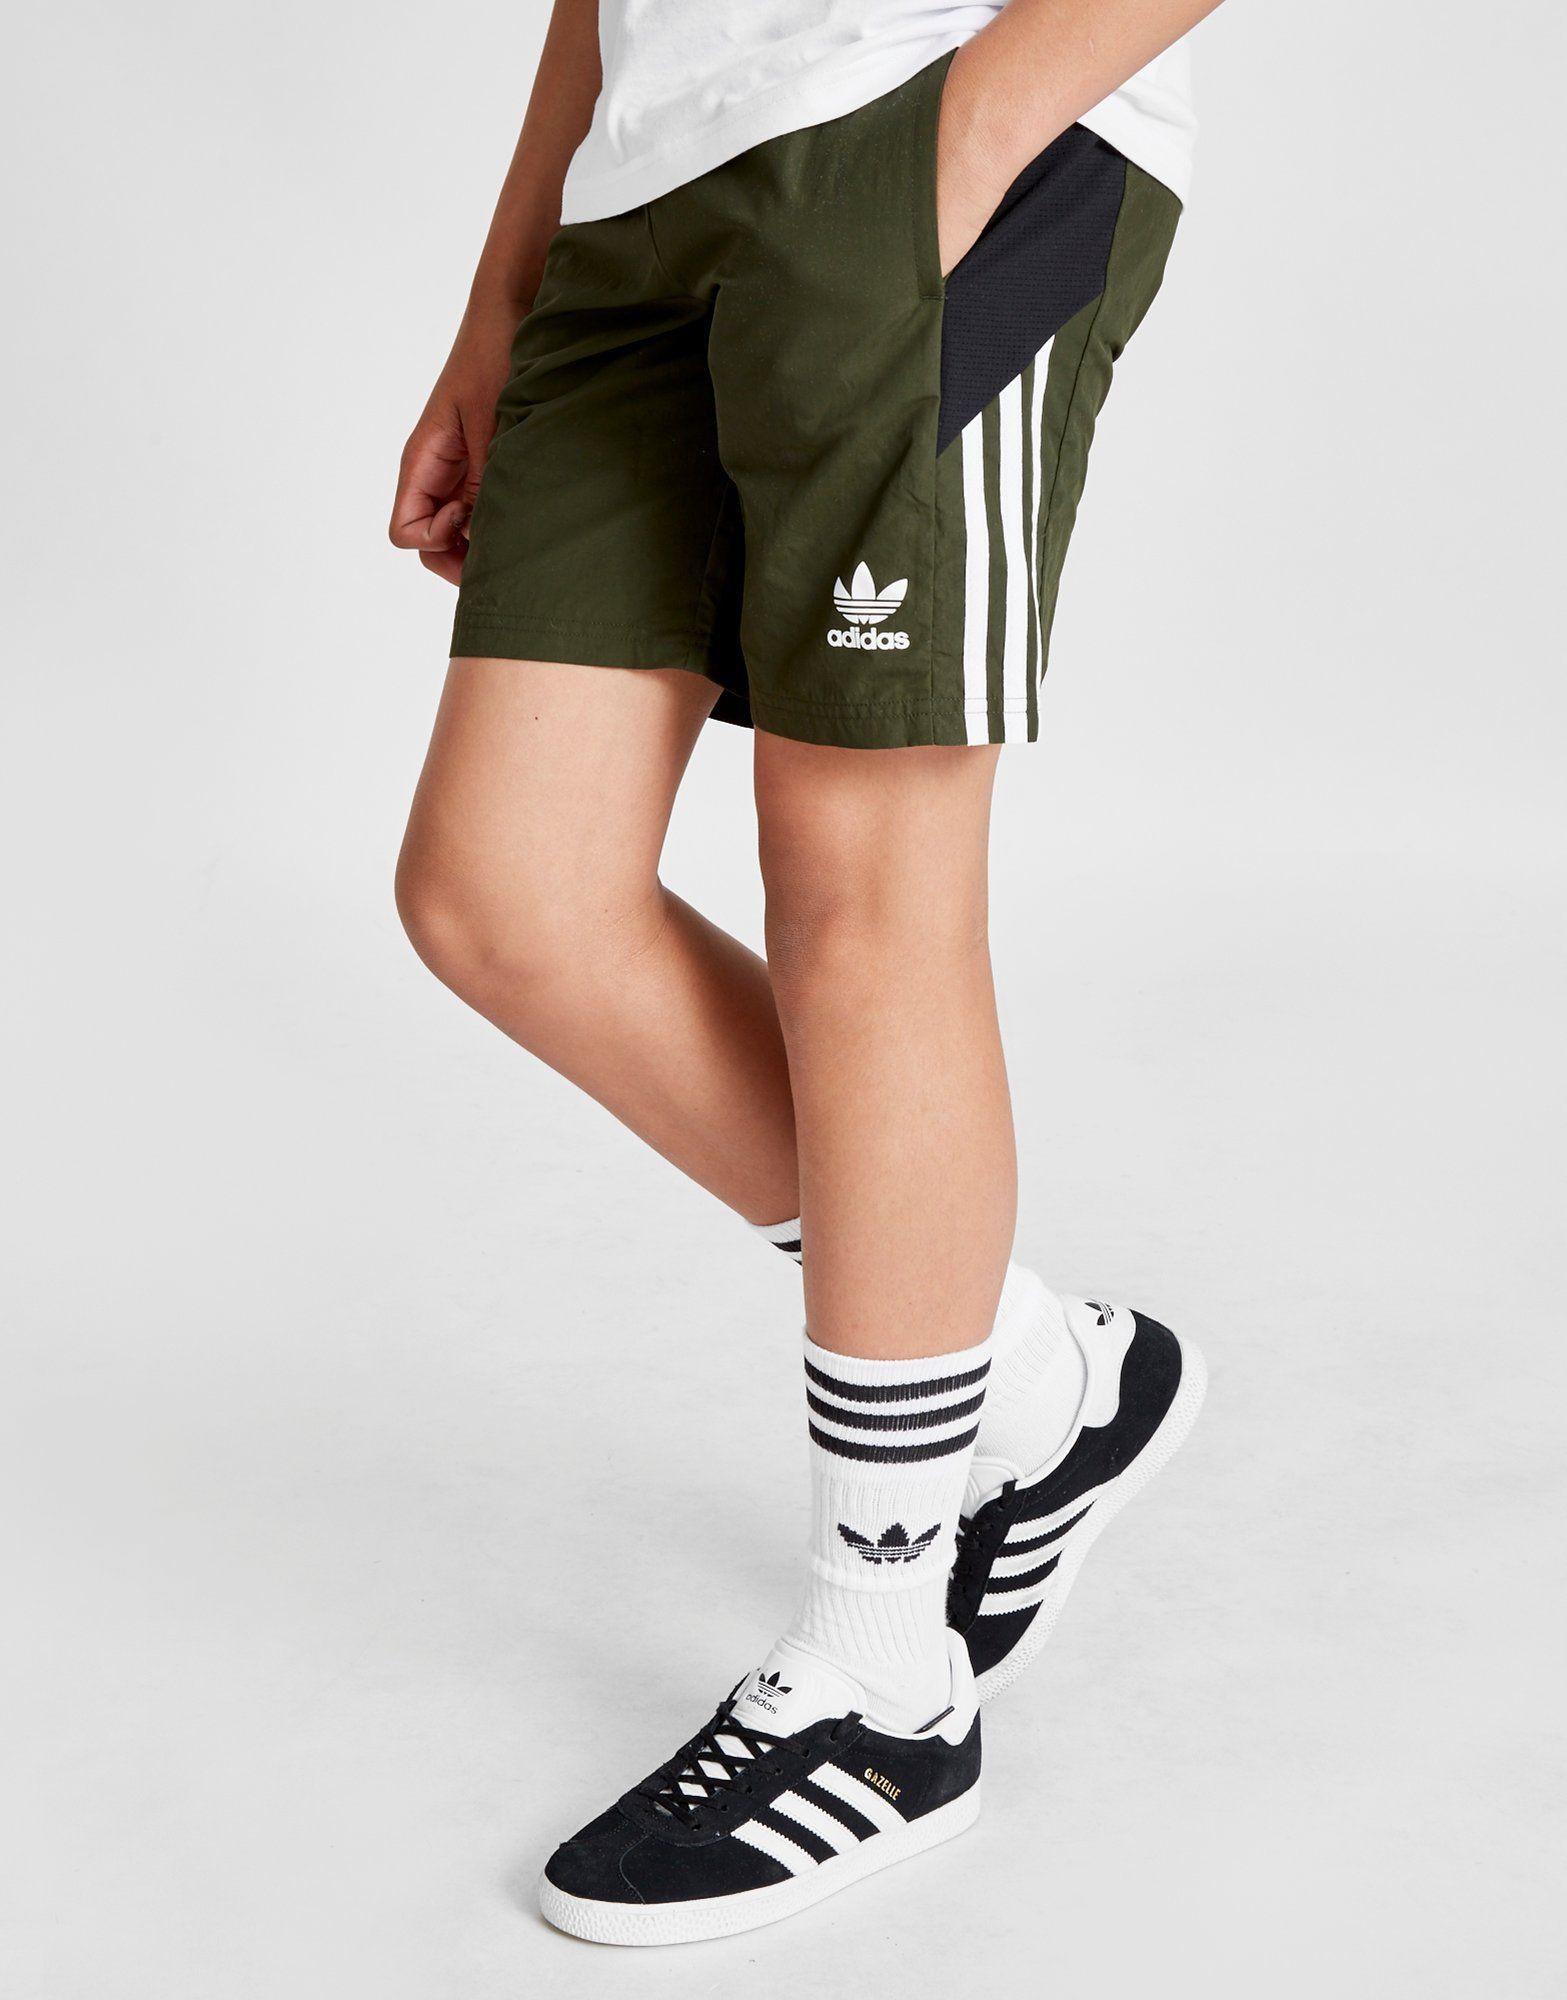 adidas Short Euro Woven Junior -